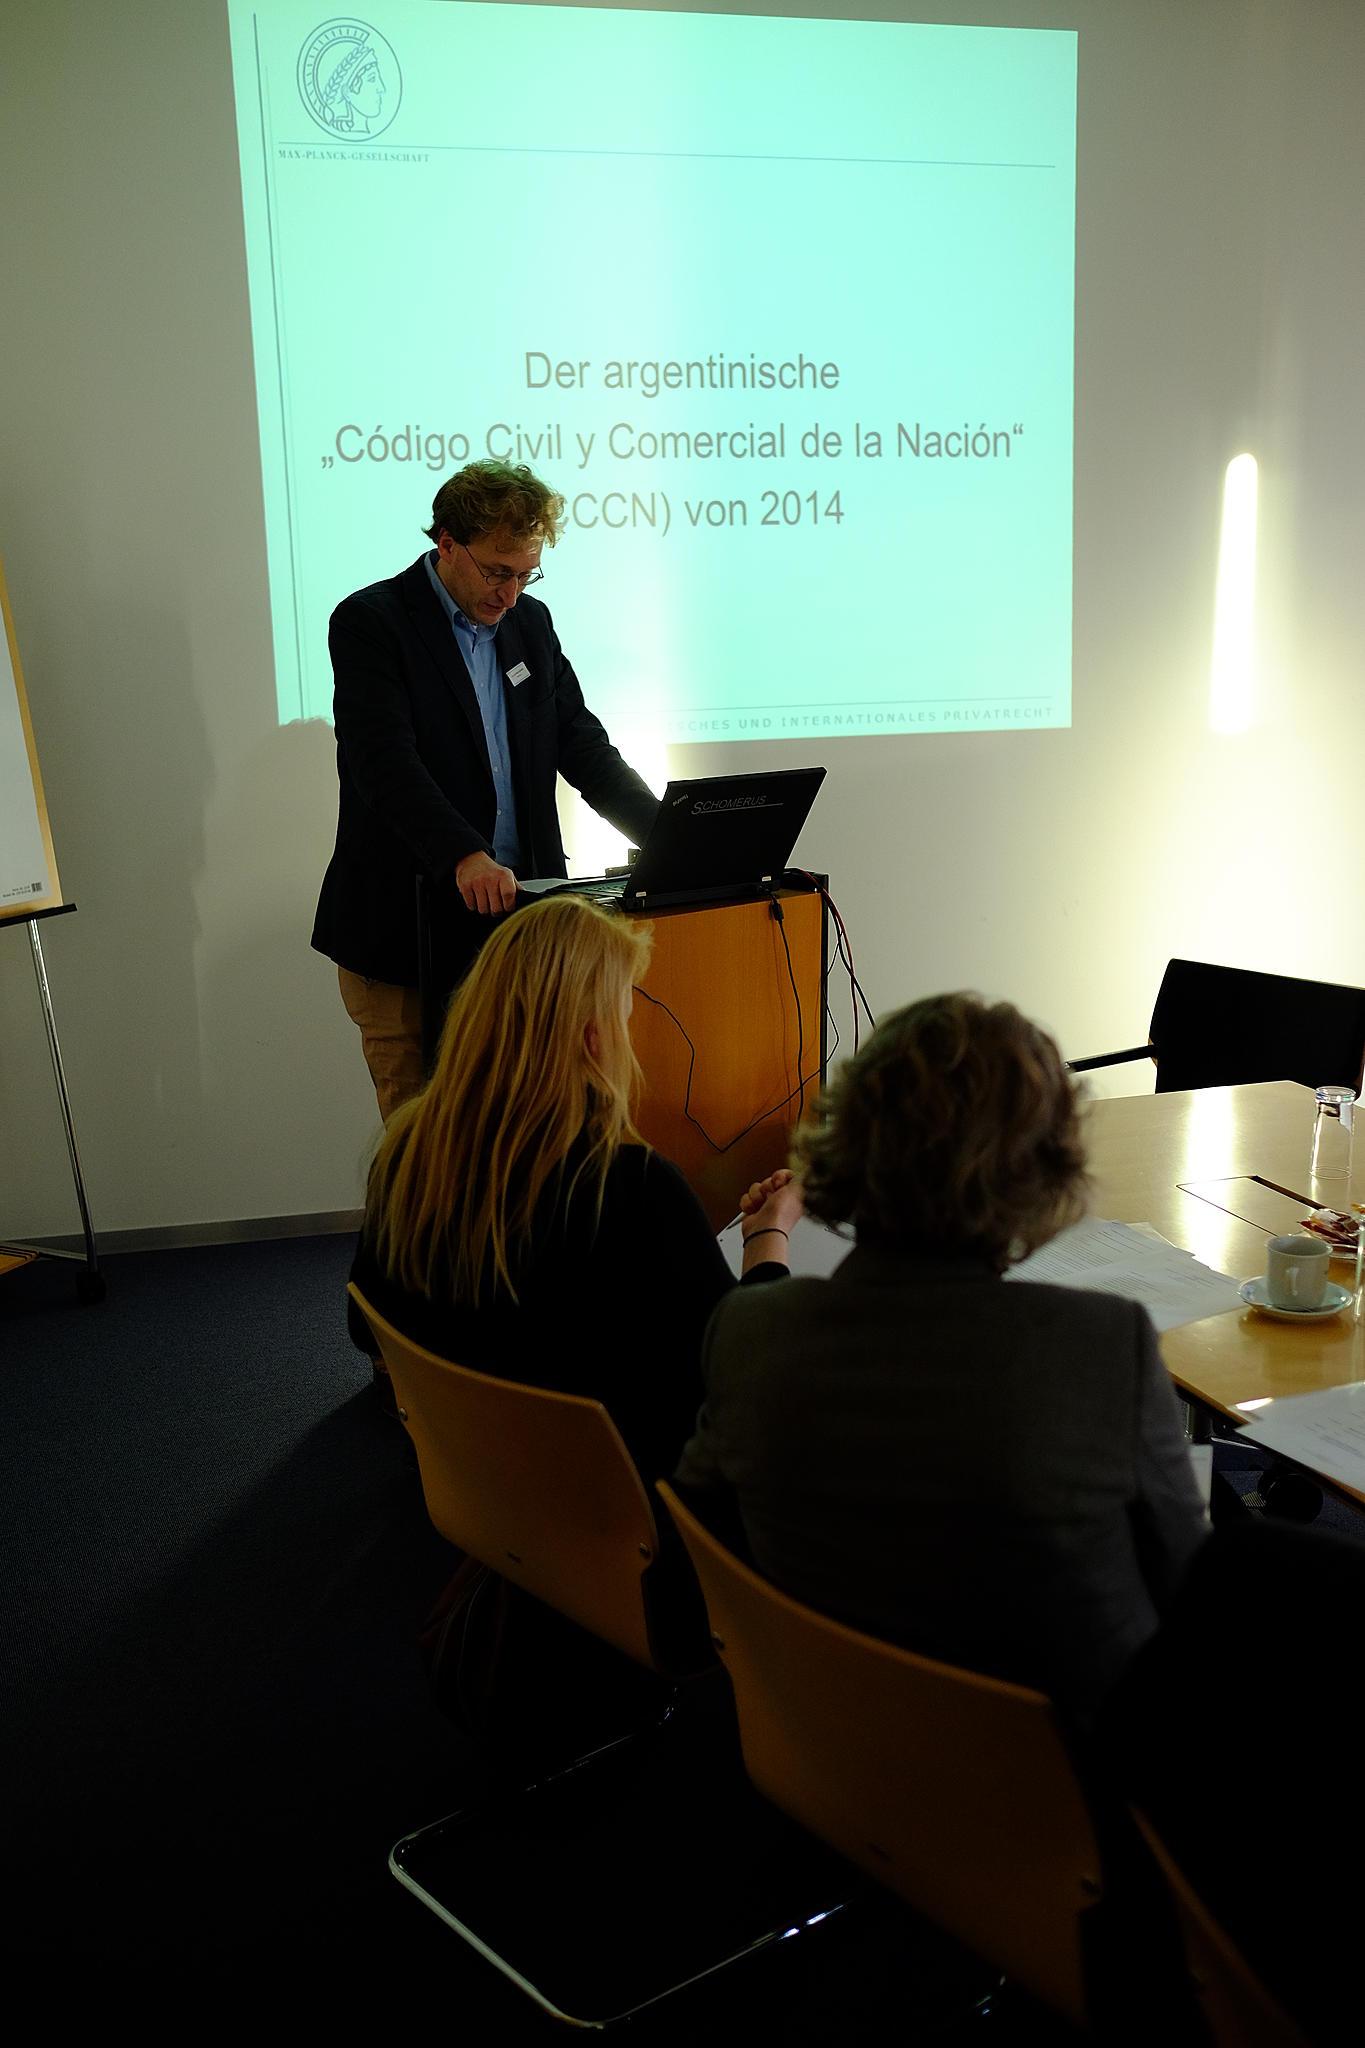 Argentinisch-Deutsche Juristenvereinigung e.V.